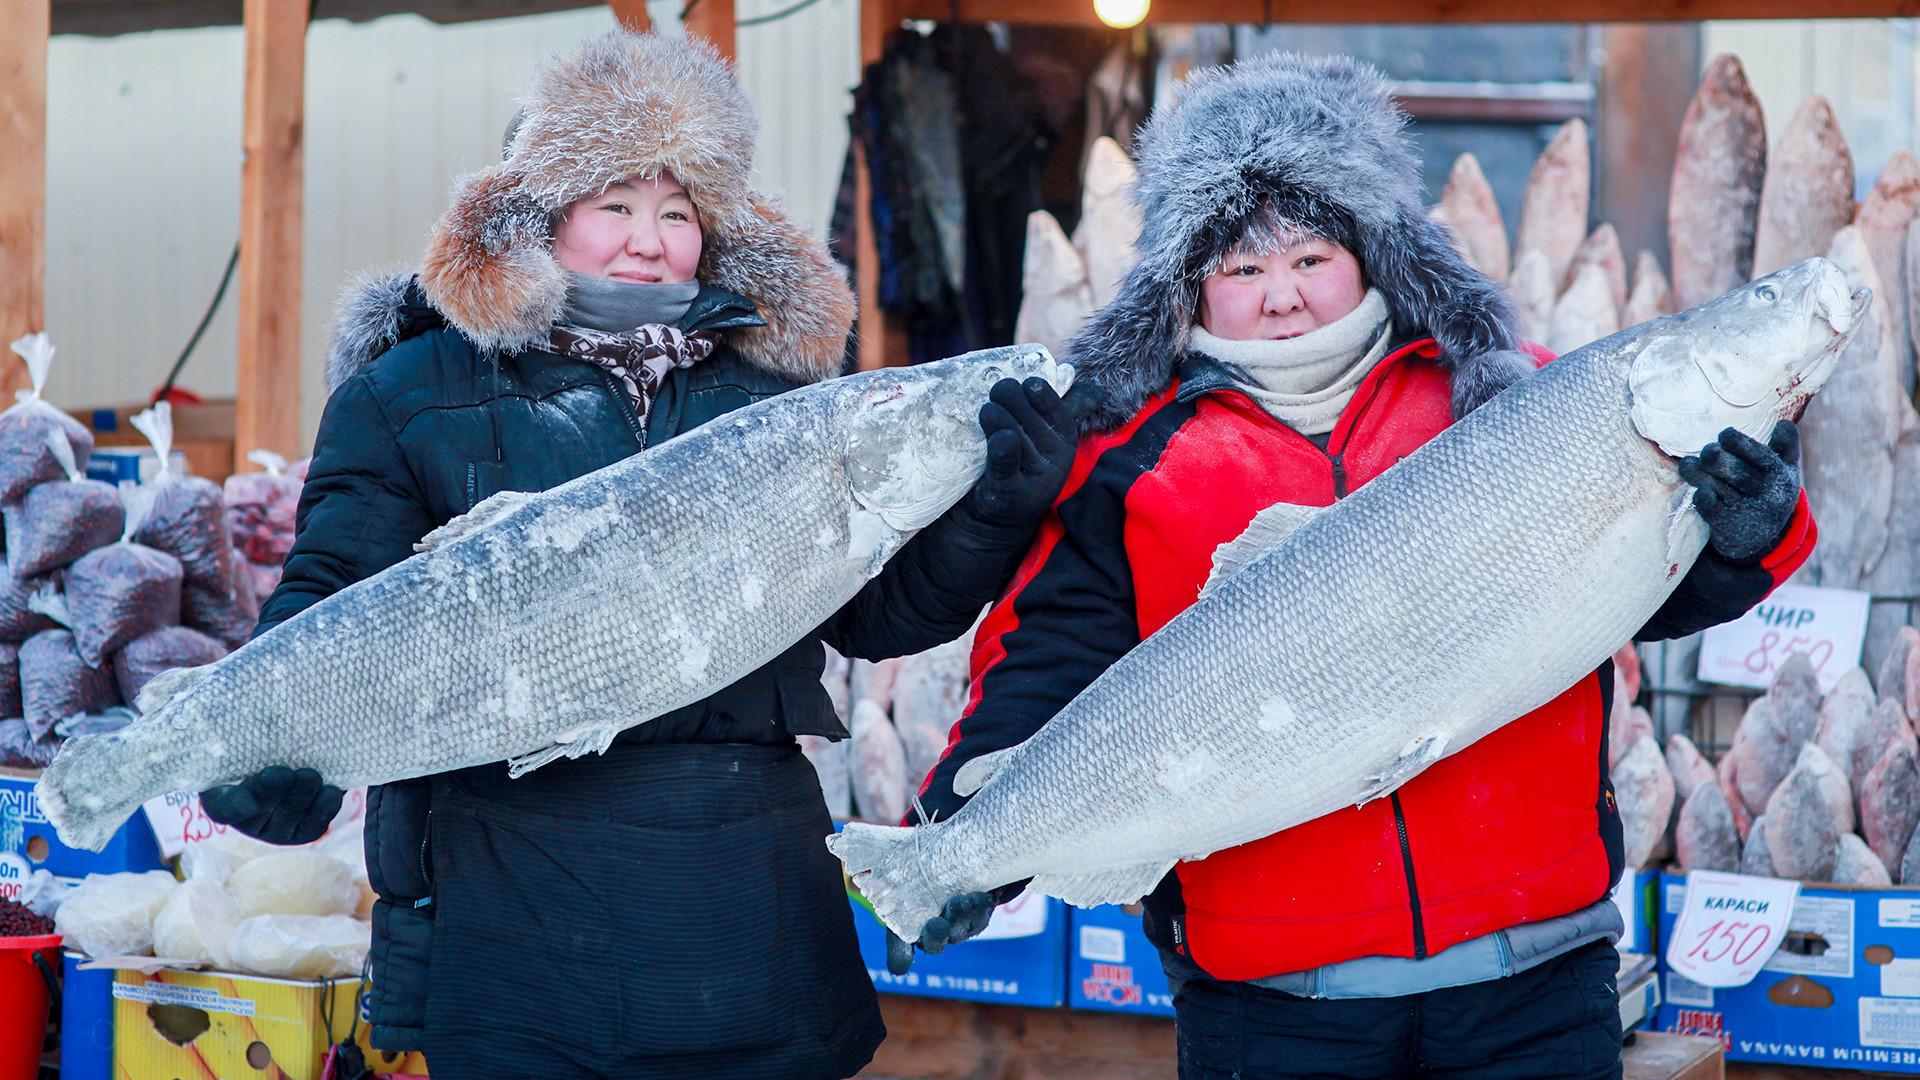 Prodavači ribe na Krestjanskoj tržnici, na -30 stupnjeva Celzija. Prosječna siječanjska temperatura u Jakutsku iznosi oko -40 stupnjeva.